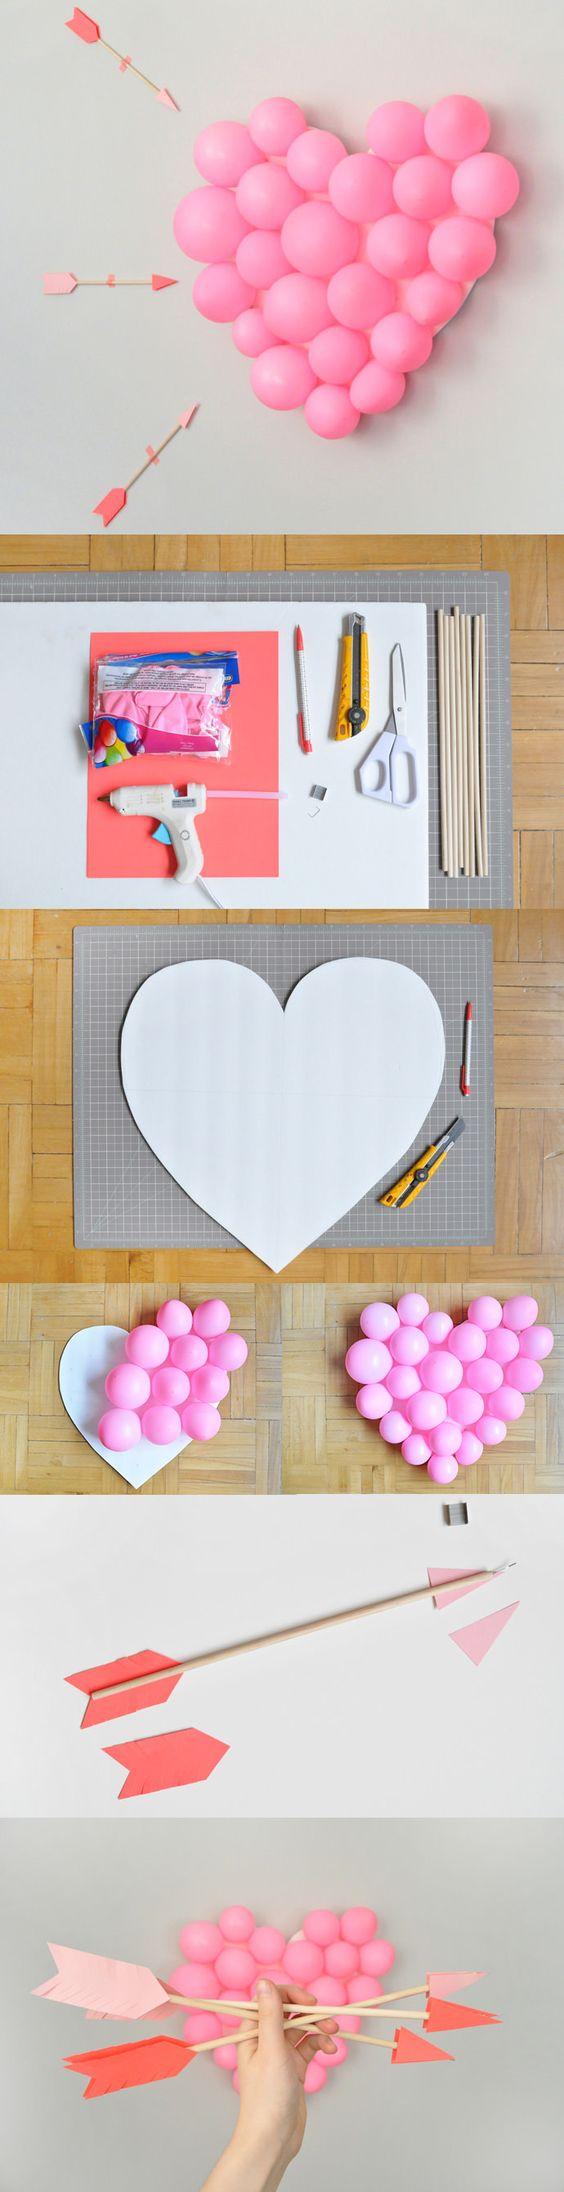 Idee fai da te per San Valentino